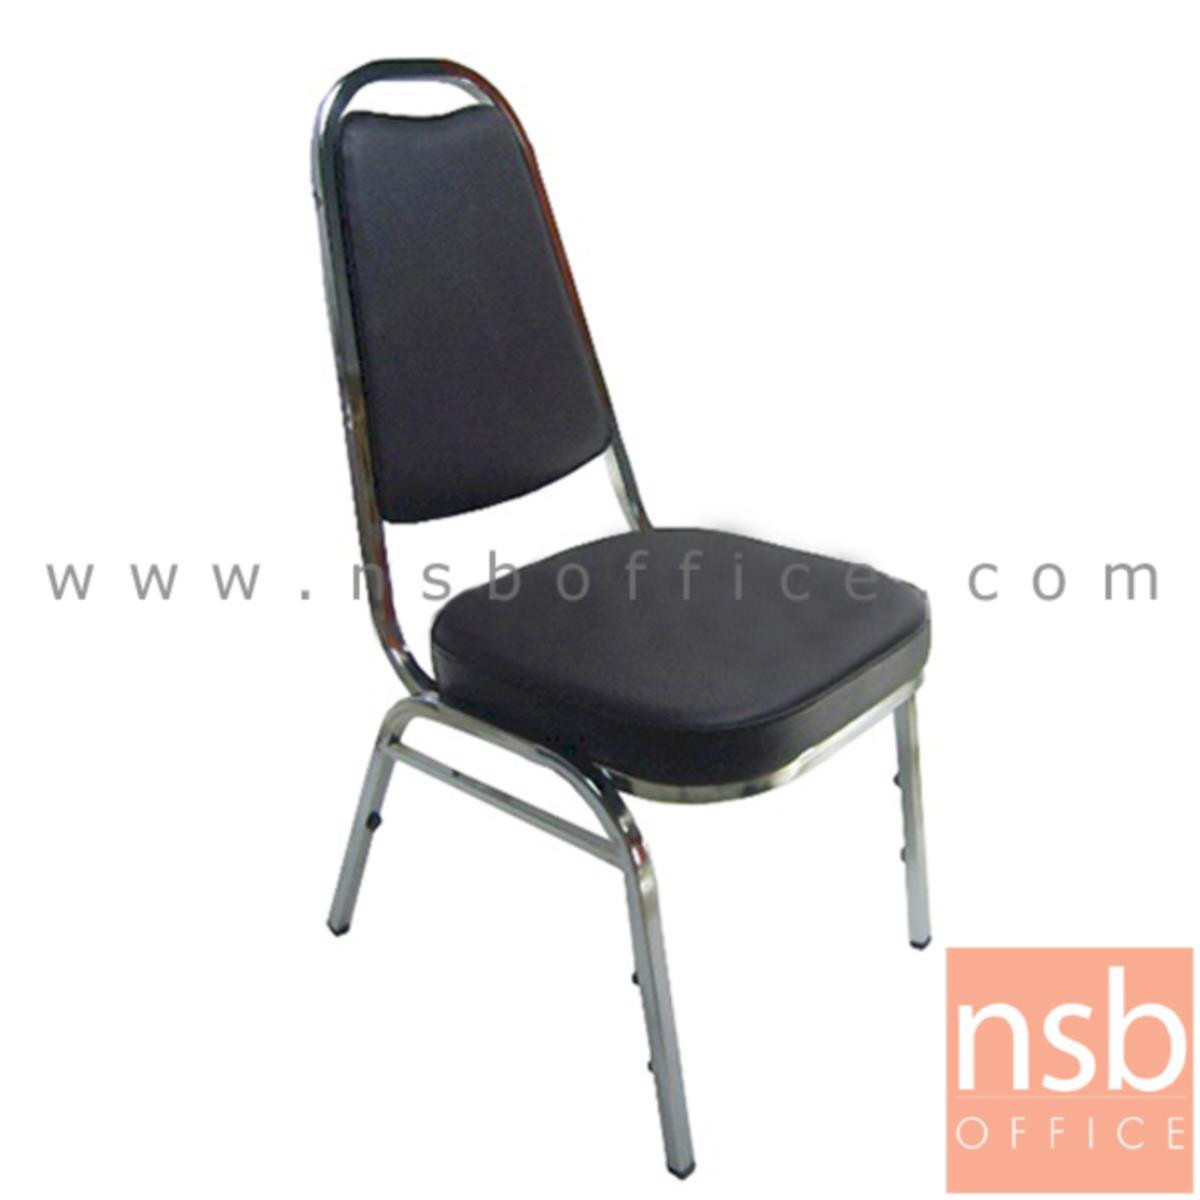 B08A060:เก้าอี้อเนกประสงค์จัดเลี้ยง  ขนาด 86H cm. มีคาดเอ ขาเหล็ก